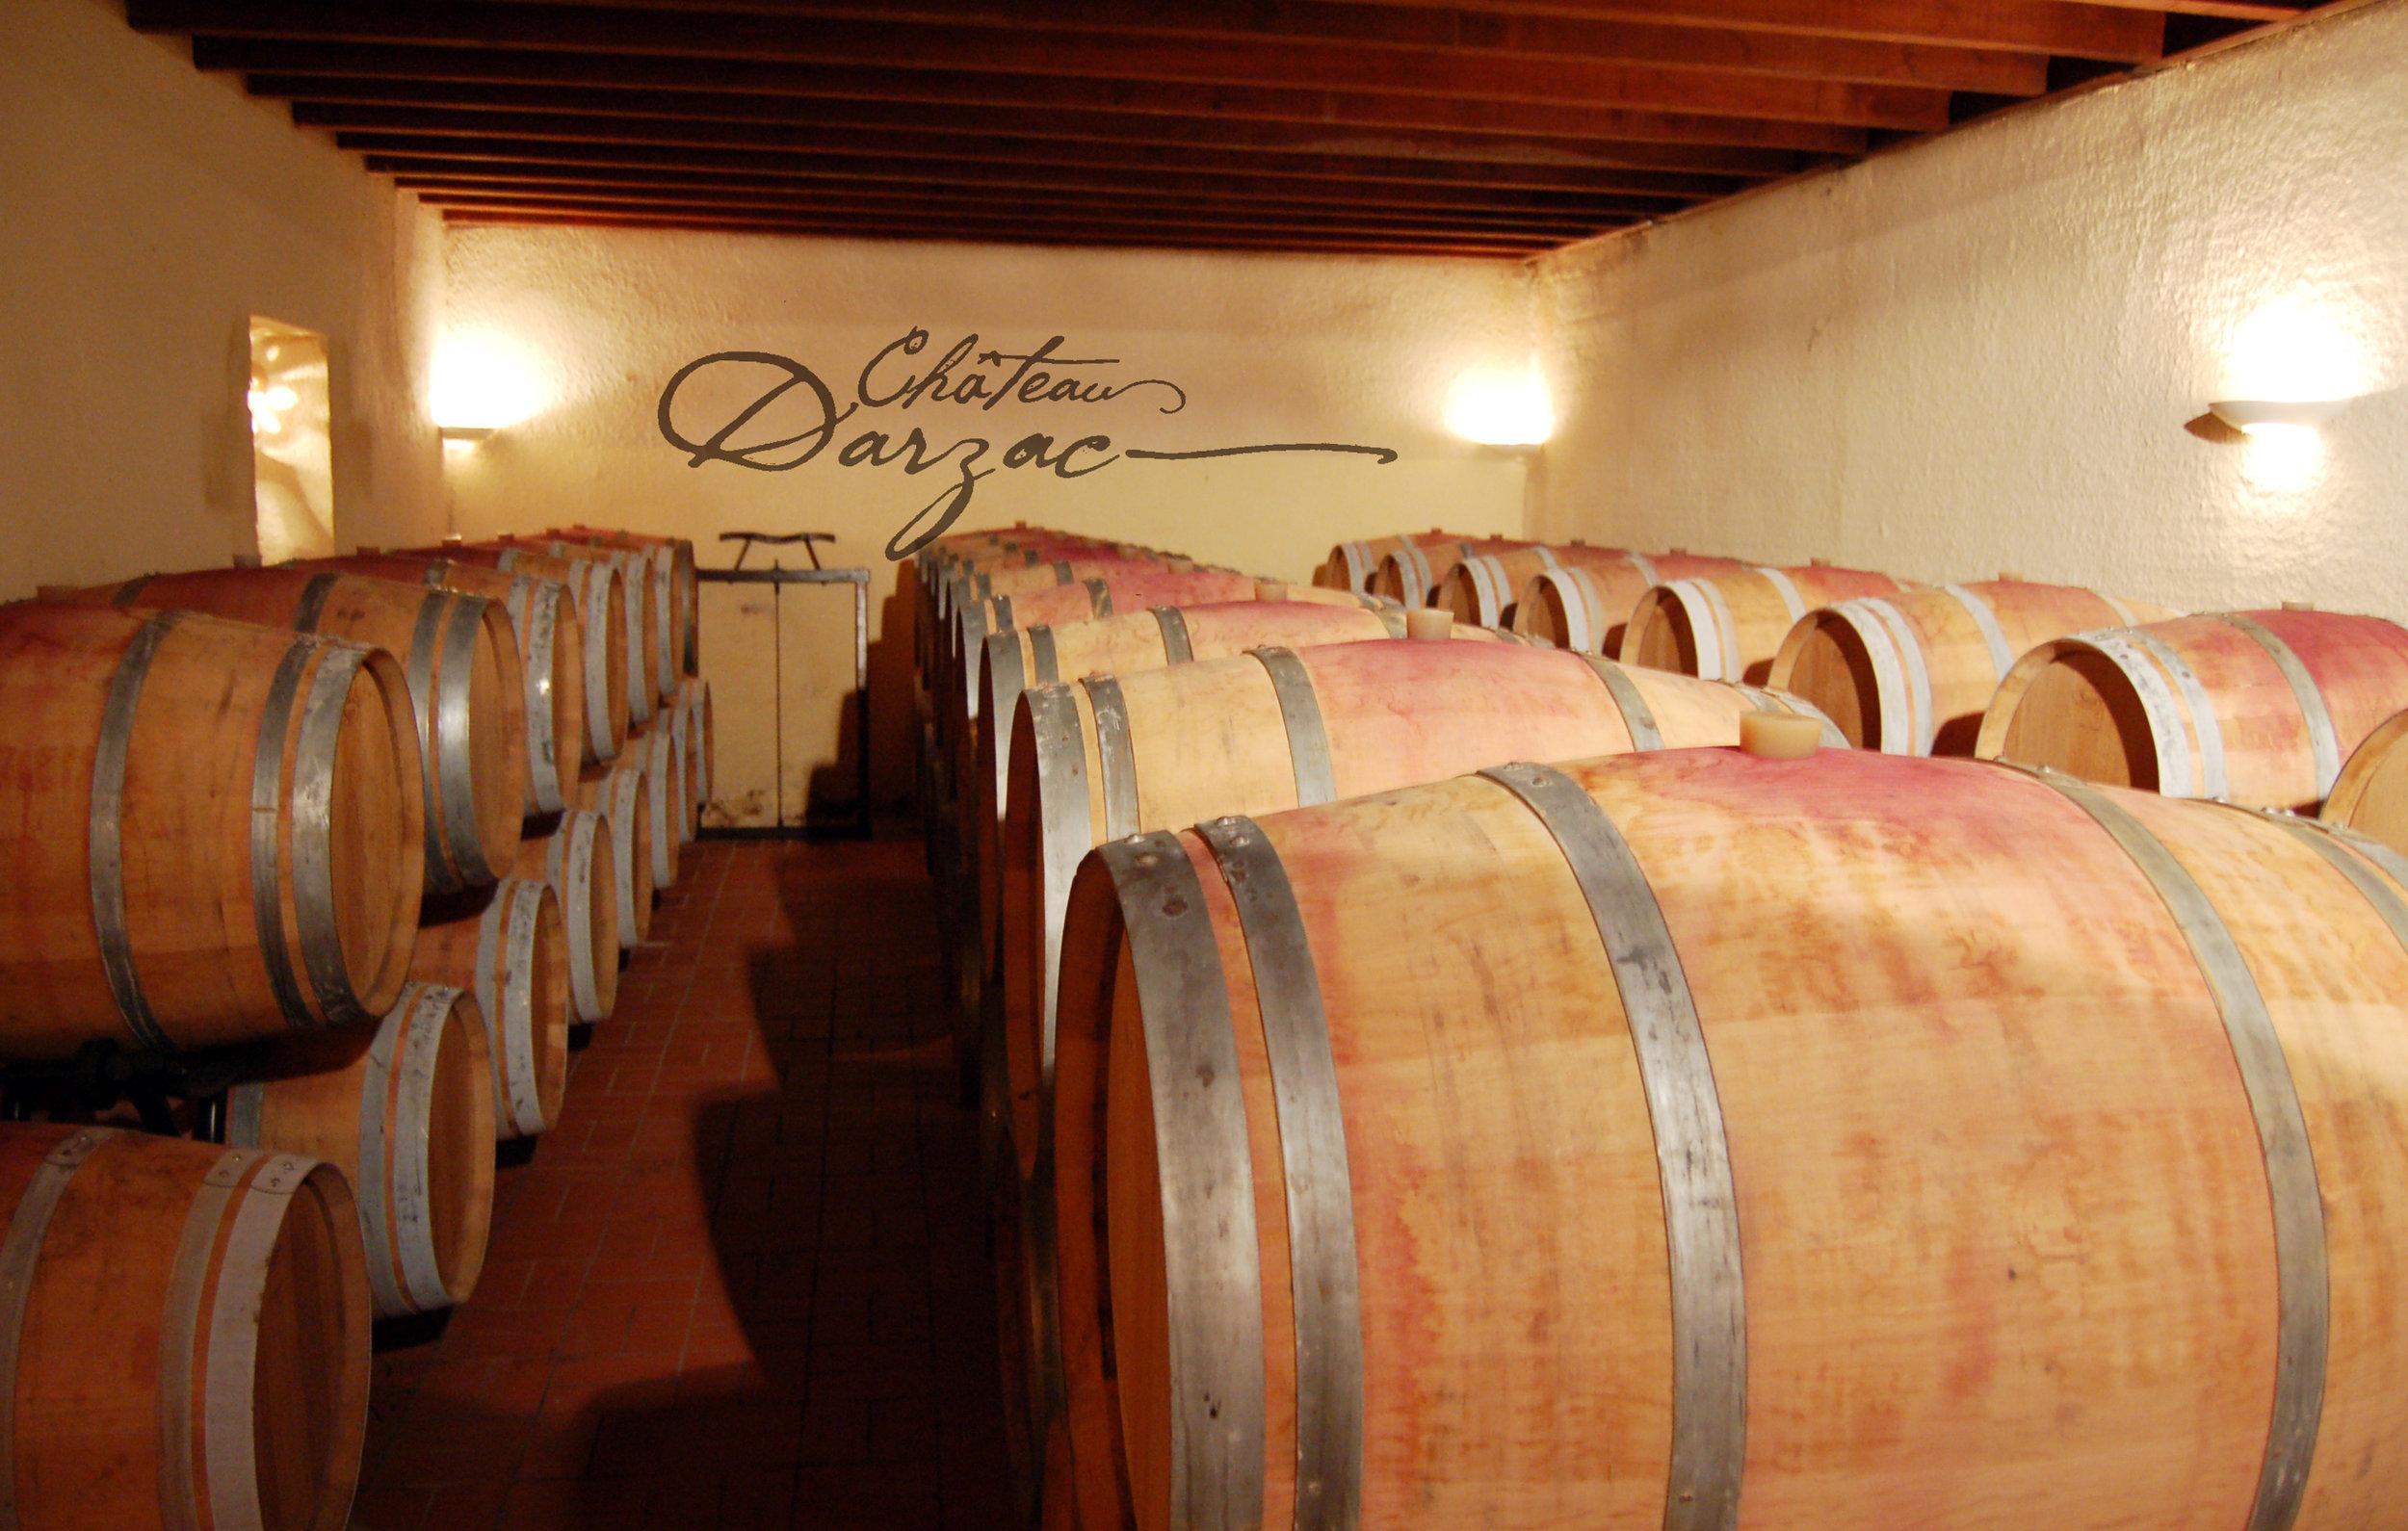 Les rouges - Château Fondarzac Rouge: Il est composé en grande partie de Merlot, vinifié traditionnellement dans le but d'obtenir des vins charmeurs. Avec une extraction maitrisée lors des fermentations et un élevage de 6 mois en cuve, il caractérise le bordeaux rouge classique.Château Darzac Rouge: Naissant sur nos meilleurs terroirs, le château Darzac est issus d'un processus de vinification plus approfondi (saignée, délestage, macération longue durée, FML sur marc, élevage sous bois....). Cela fait de lui un vin de garde, complexe et élégant.Héritage : une sélection de nos meilleurs merlots, une partie passée en barrique, donne naissance à un vin rouge puissant et expressif.Origine : Ces magnifiques merlots issus de la parcelle originelle de l'exploitation bénéficient d'un traitement particulier. Un pressoir hydraulique spécifique puis un passage de 24 mois en barrique.